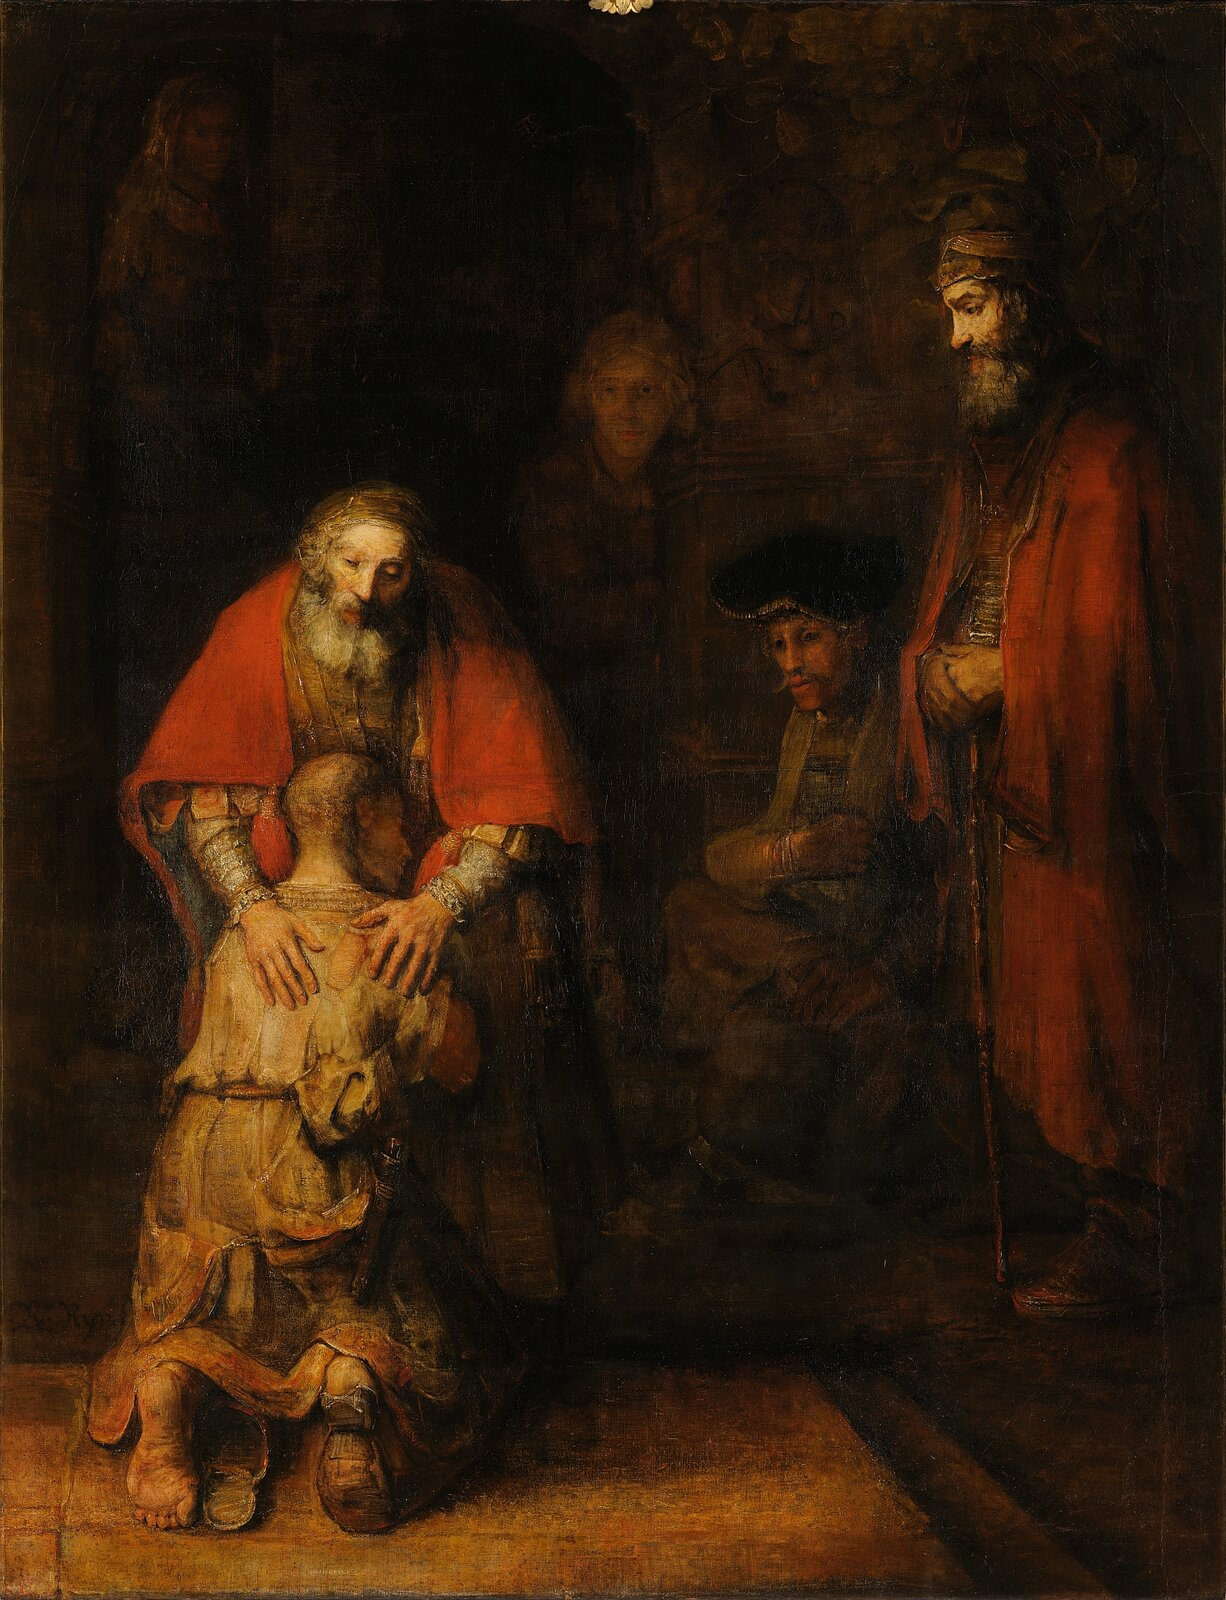 """Ilustracja przedstawia dzieło Rembrandta pt. """"Powrót Syna Marnotrawnego"""". Obraz jest realistyczny, ale pełen głębi psychologicznej, tajemniczości iduchowości. Prezentuje mistrzowskie operowanie światłem oraz półcieniem. Na pierwszym planie znajdują się postacie marnotrawnego syna iojca. Na nogach syna widoczne są rozpadające się chodaki, ukazujące poranione stopy, abrudne ubranie jest wstrzępach. Postać ojca wyraża wybaczenie iulgę zpowrotu już opłakiwanego syna. Jedną zpostaci drugiego planu jest wierny syn, który pozostał zojcem wdomu. Jest on bogato ubrany, ajego twarz wyraża zdziwienie."""